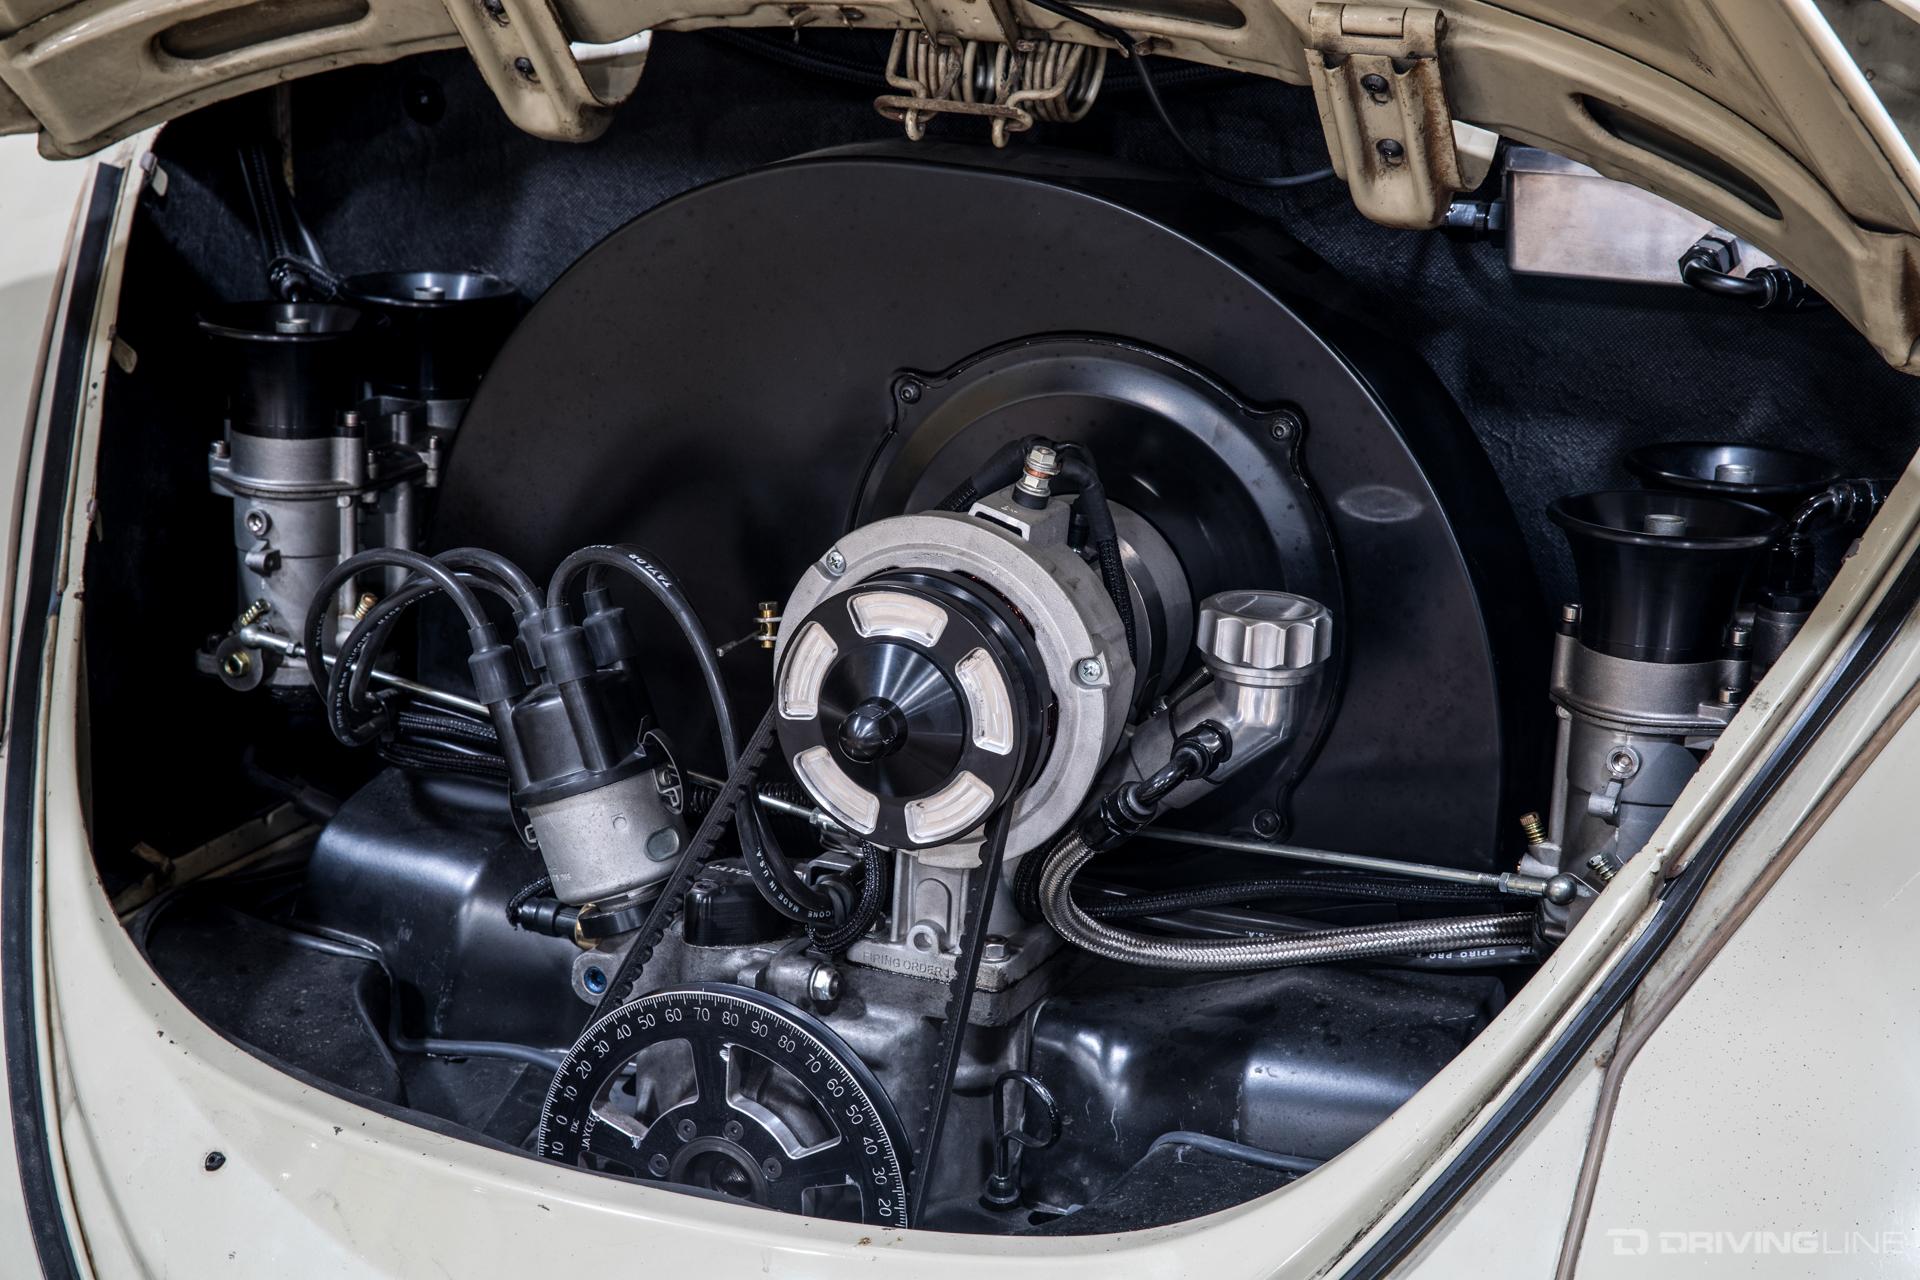 Hot Rod Bug Gas Monkey Garage S 1965 Volkswagen Beetle Drivingline